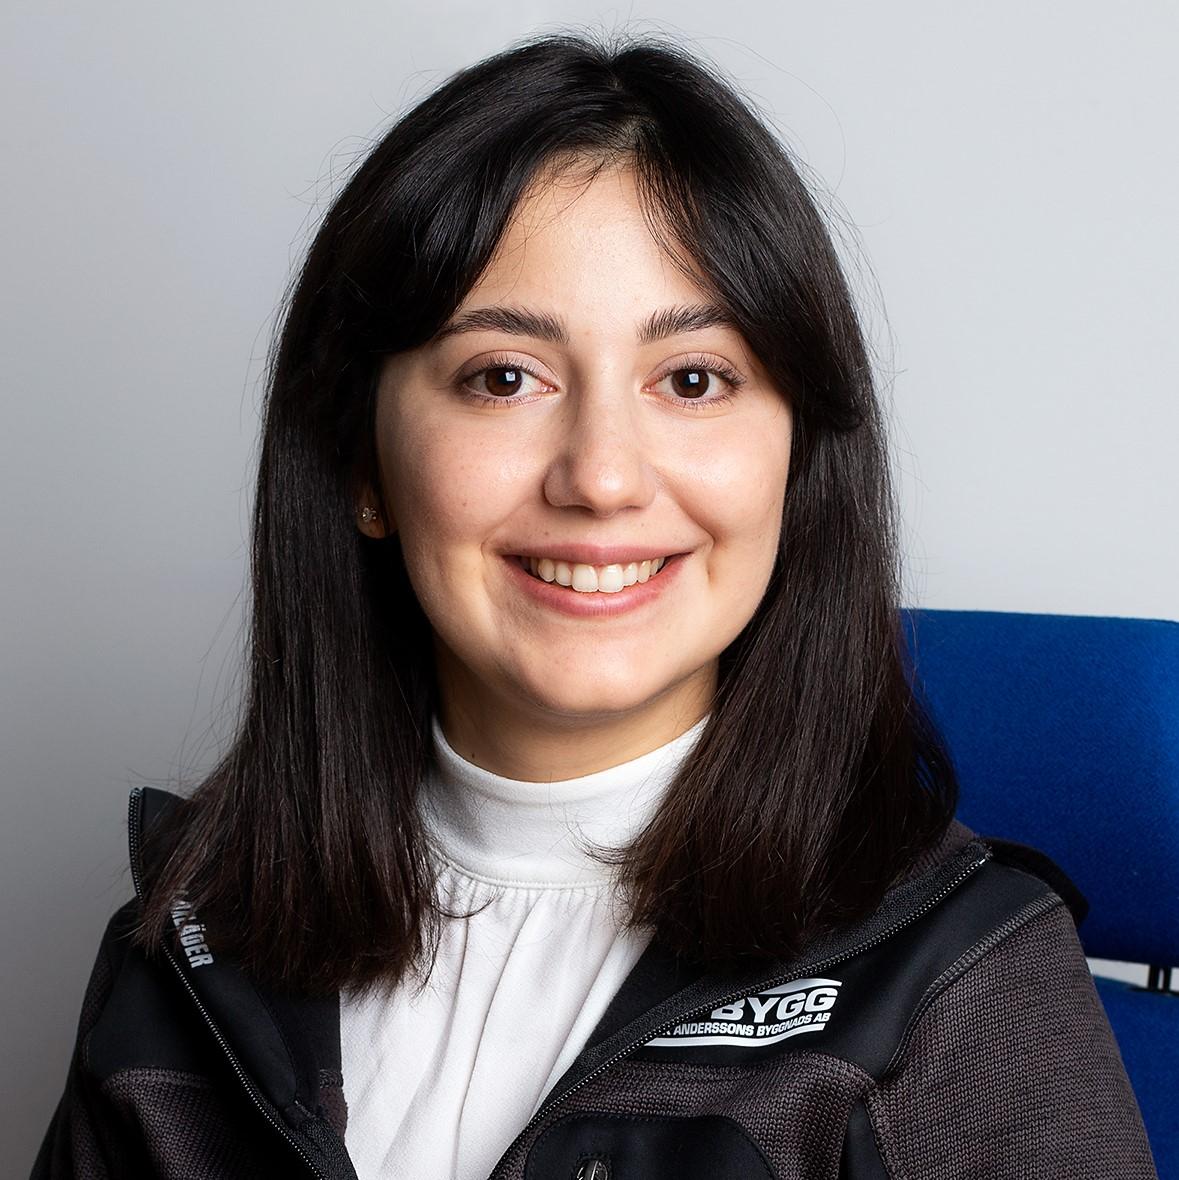 Sara Tamim